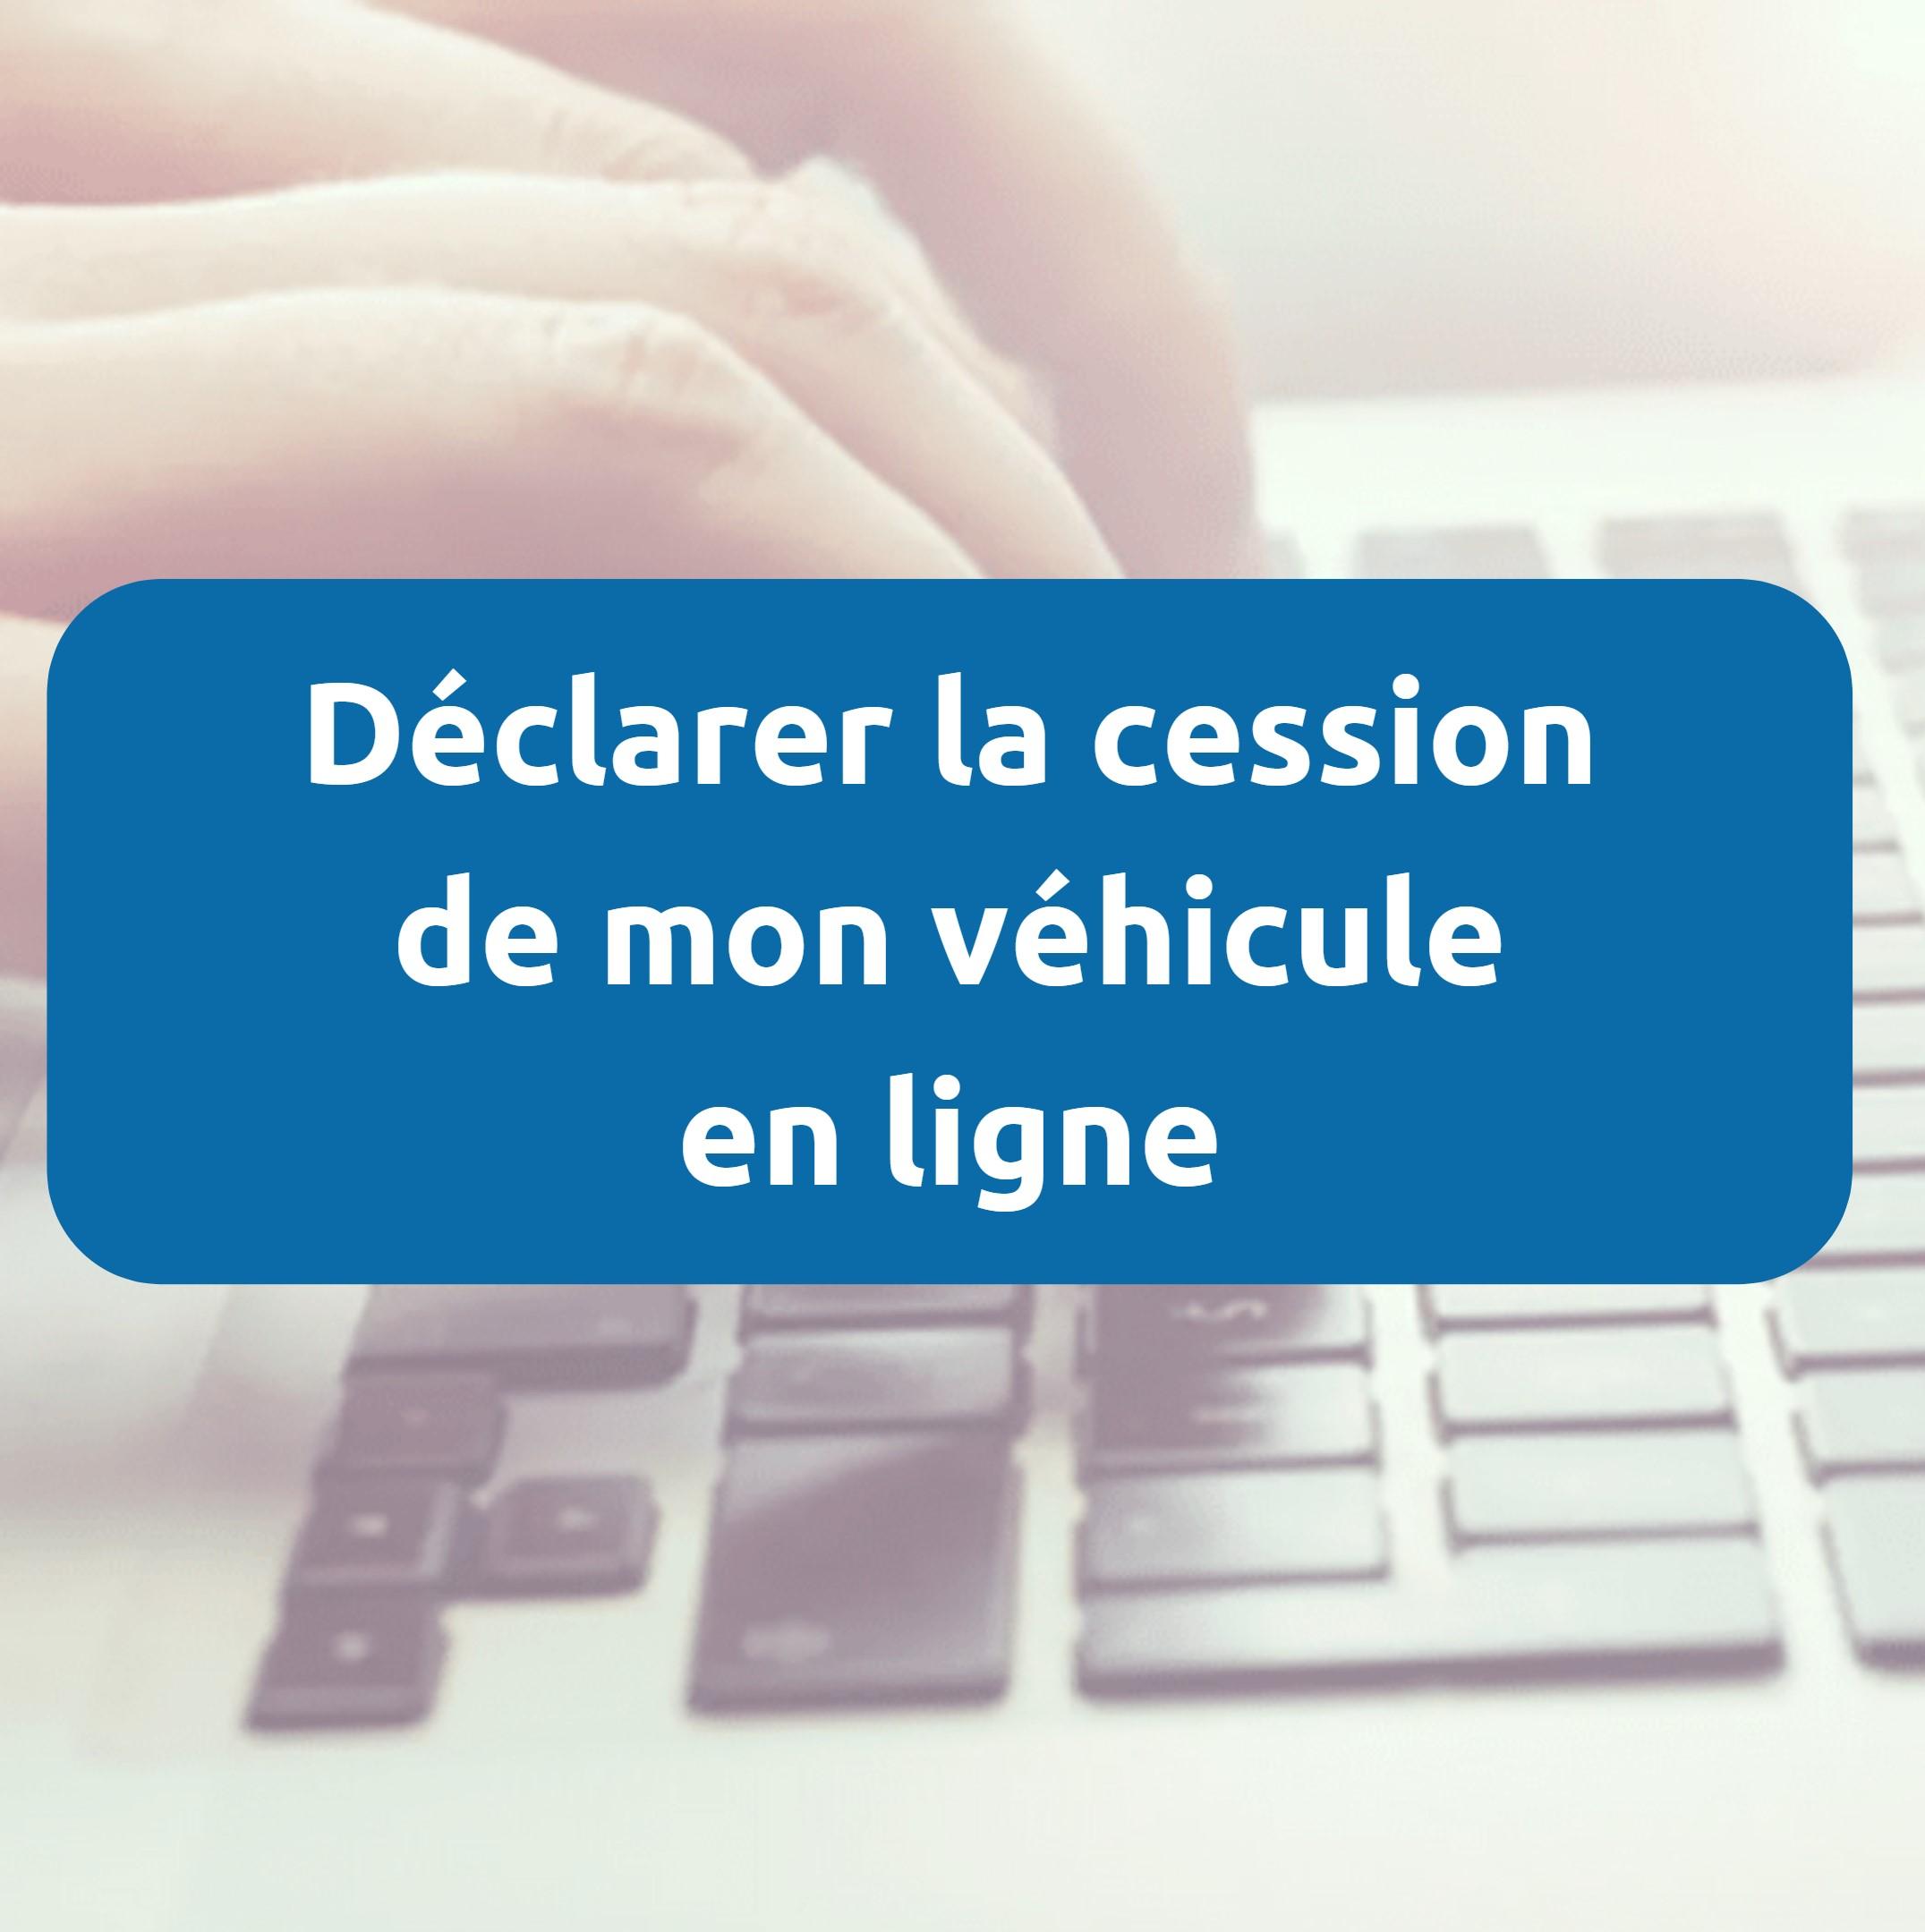 Où envoyer le certificat de cession d'un véhicule ? A quelle adresse ?